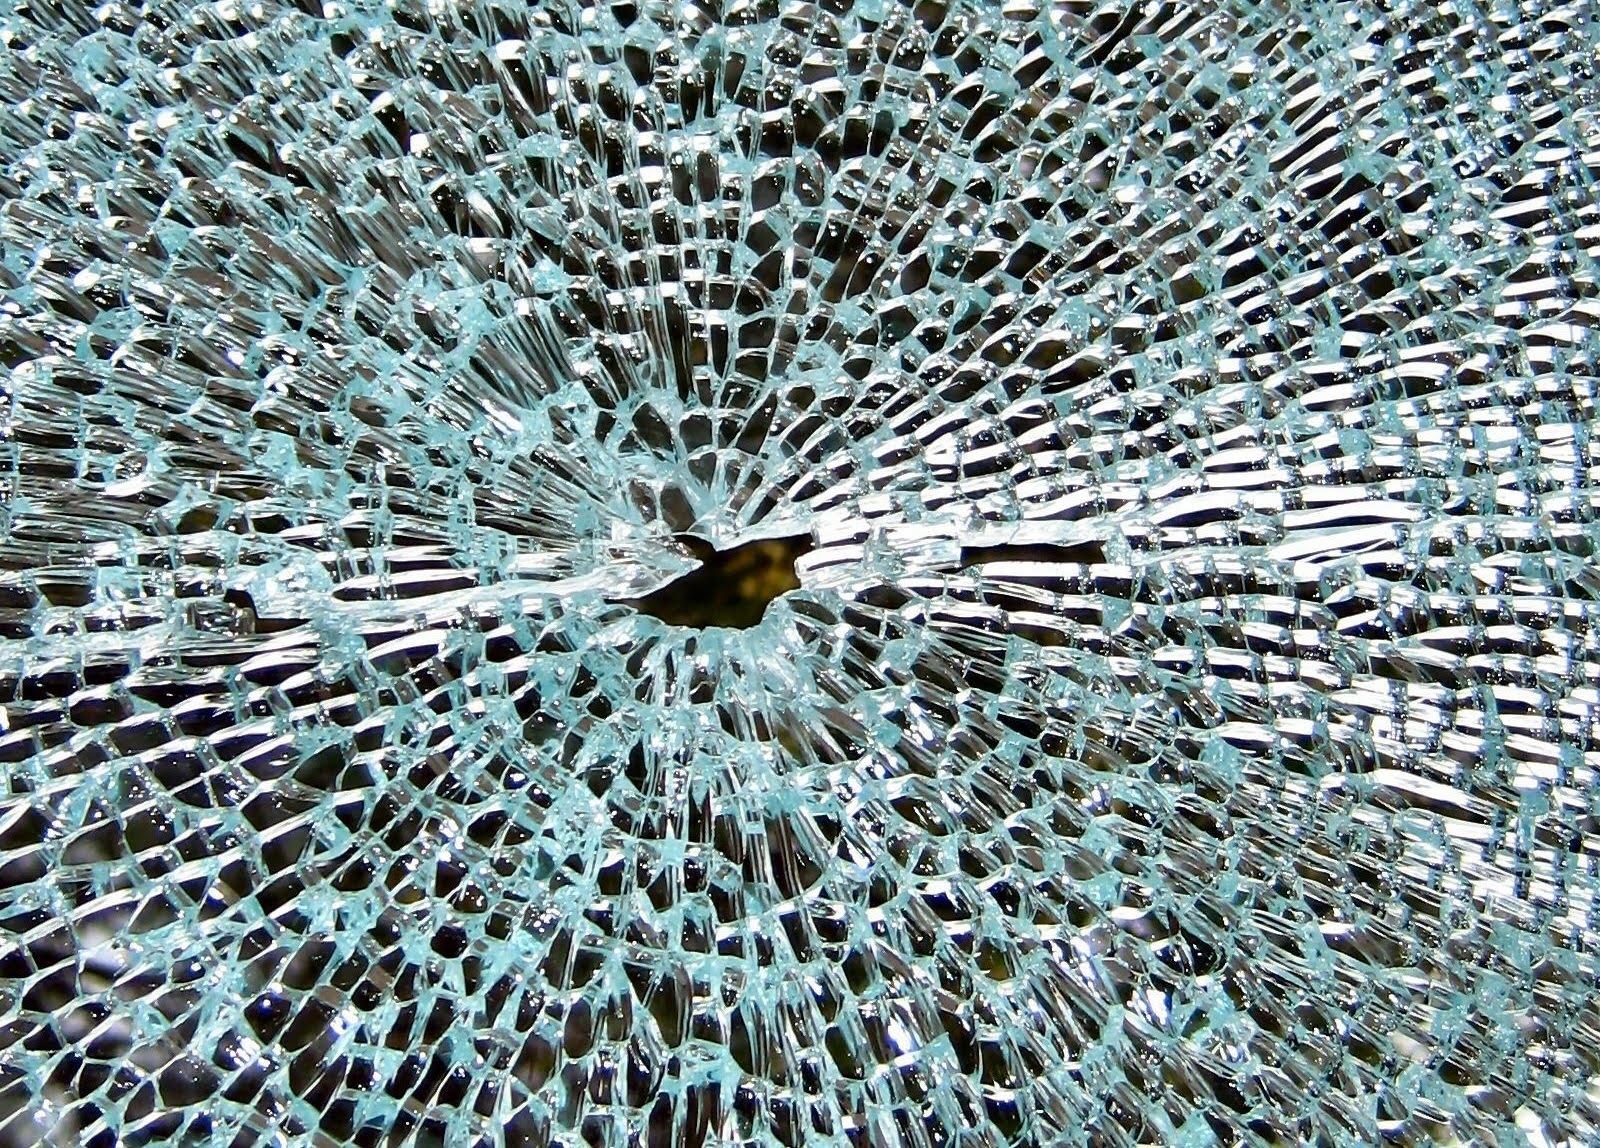 http://4.bp.blogspot.com/_2UbsSBz9ckE/S6rD3Kxv1eI/AAAAAAAABF4/EgSiyrIorkI/s1600/ShatteredGlass_HD_wallpaper.jpg